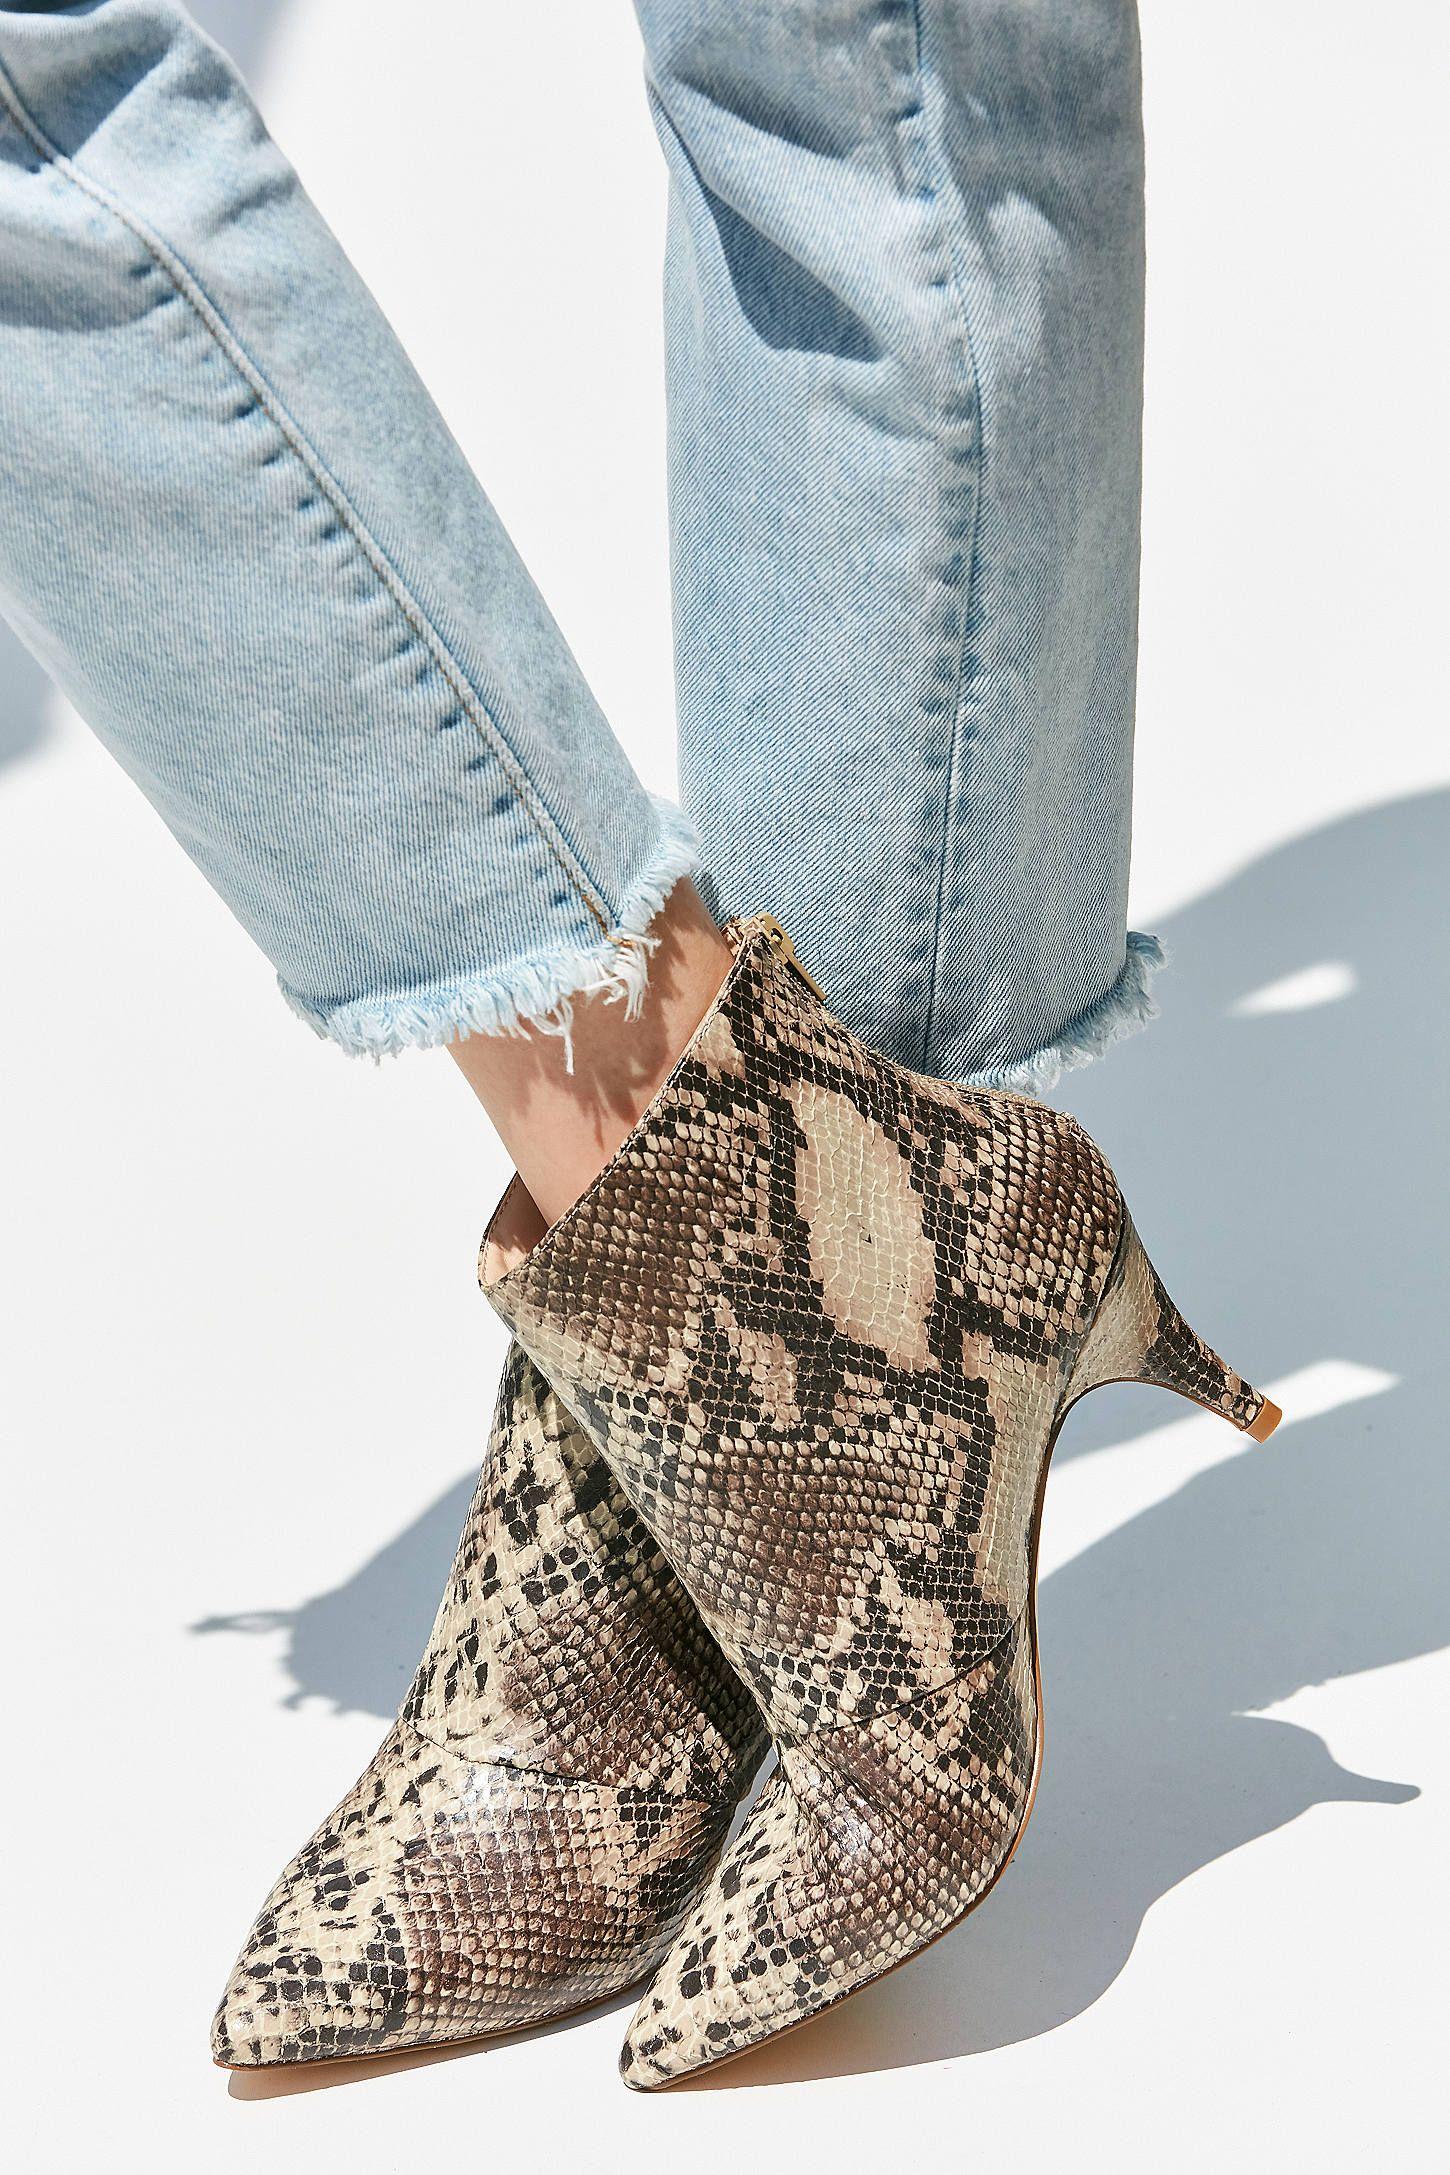 Snakeskin Kitten Heel Ankle Boot Kitten Heel Ankle Boots Kitten Heels Outfit Boots